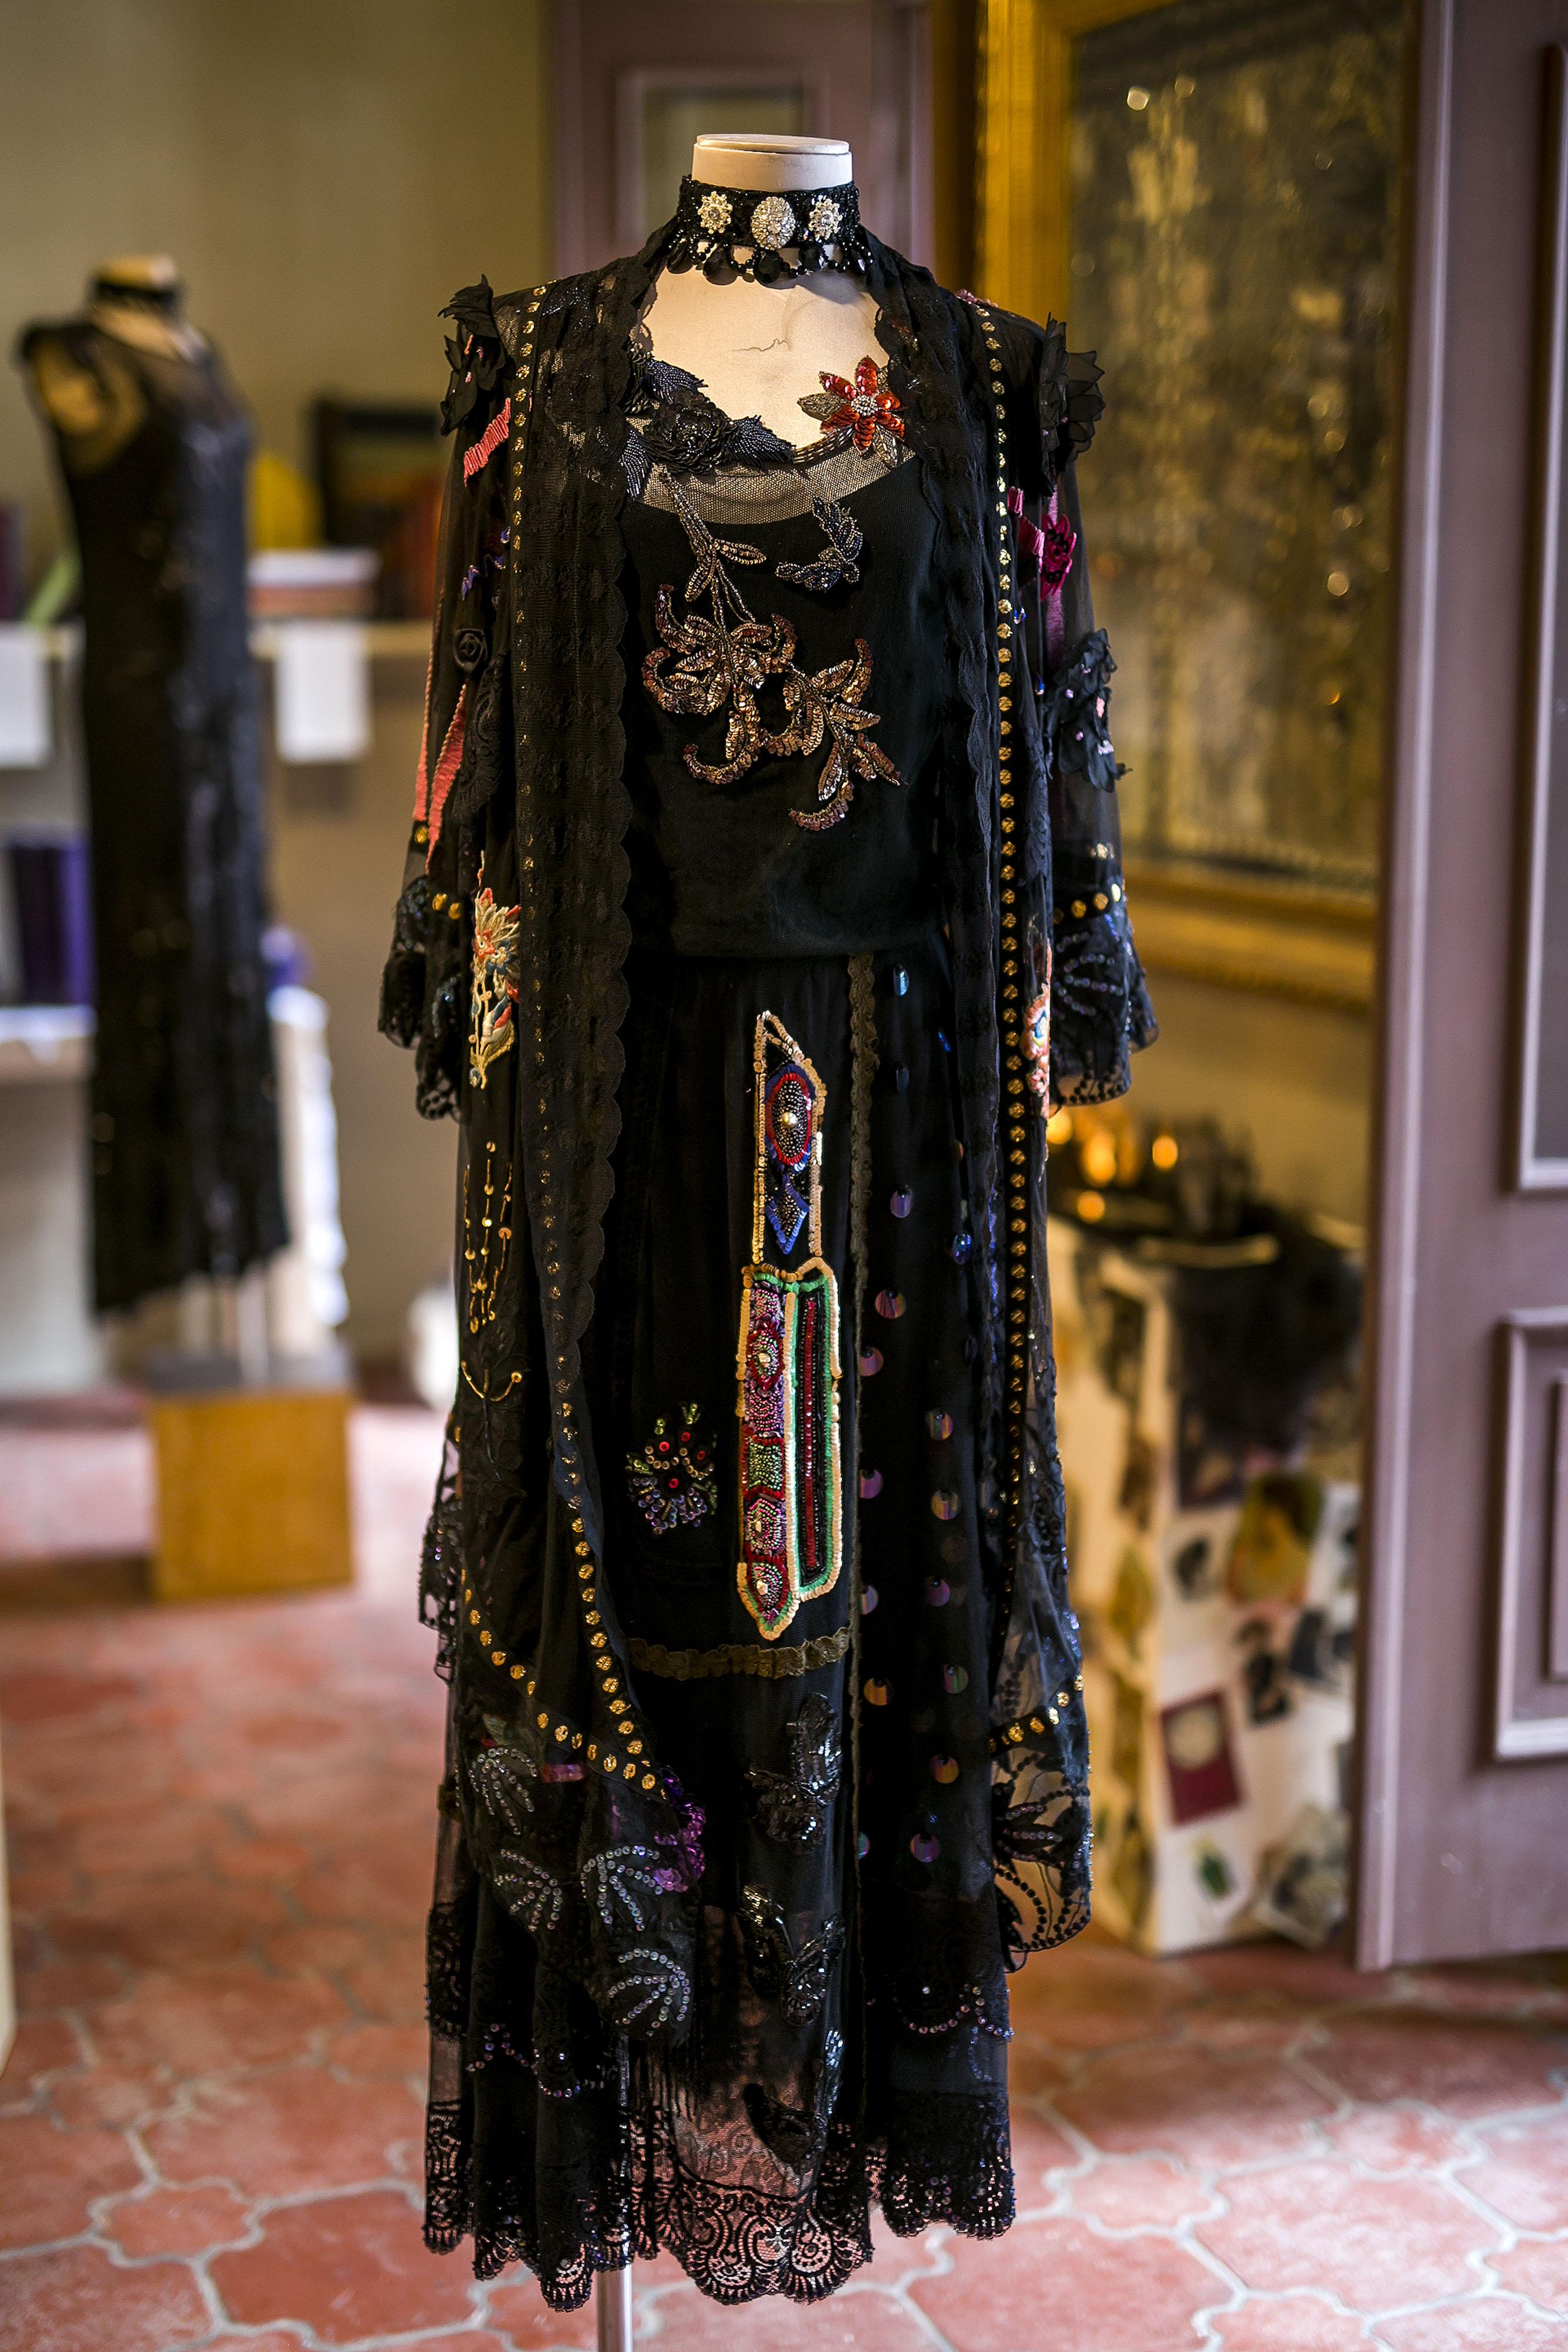 Algunos vestidos cuentan con detalles y bordados que la diseñadora y artista consiguió en un viaje a París. (Foto: Xavier García)